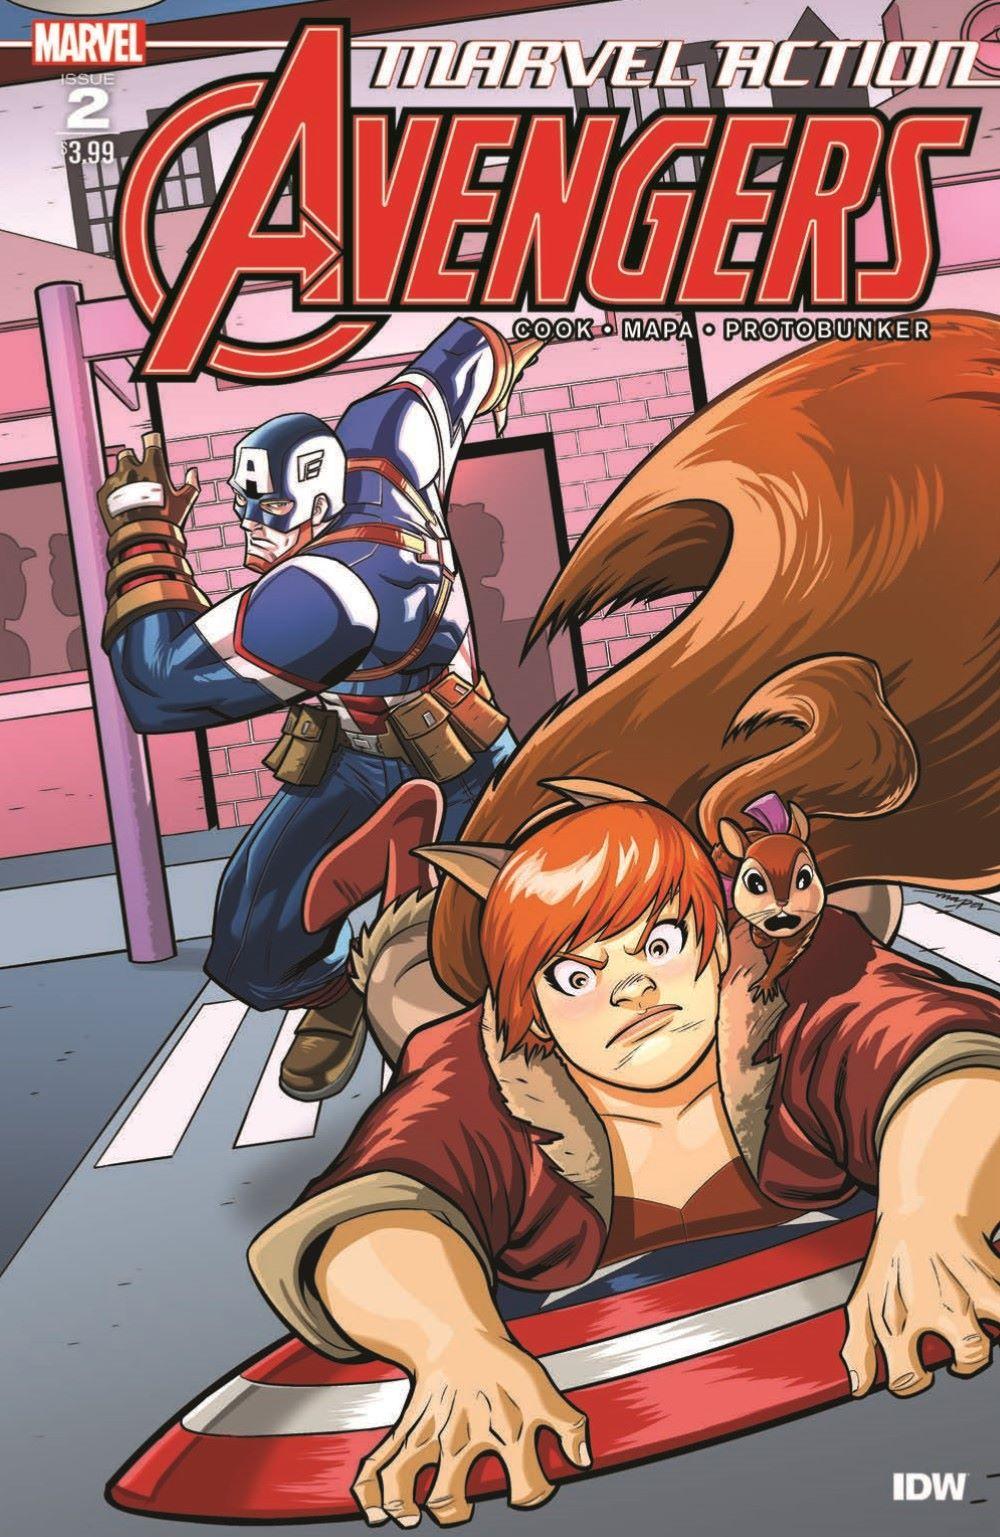 Marvel_Avengers_02_pr-1 ComicList Previews: MARVEL ACTION AVENGERS VOLUME 2 #2